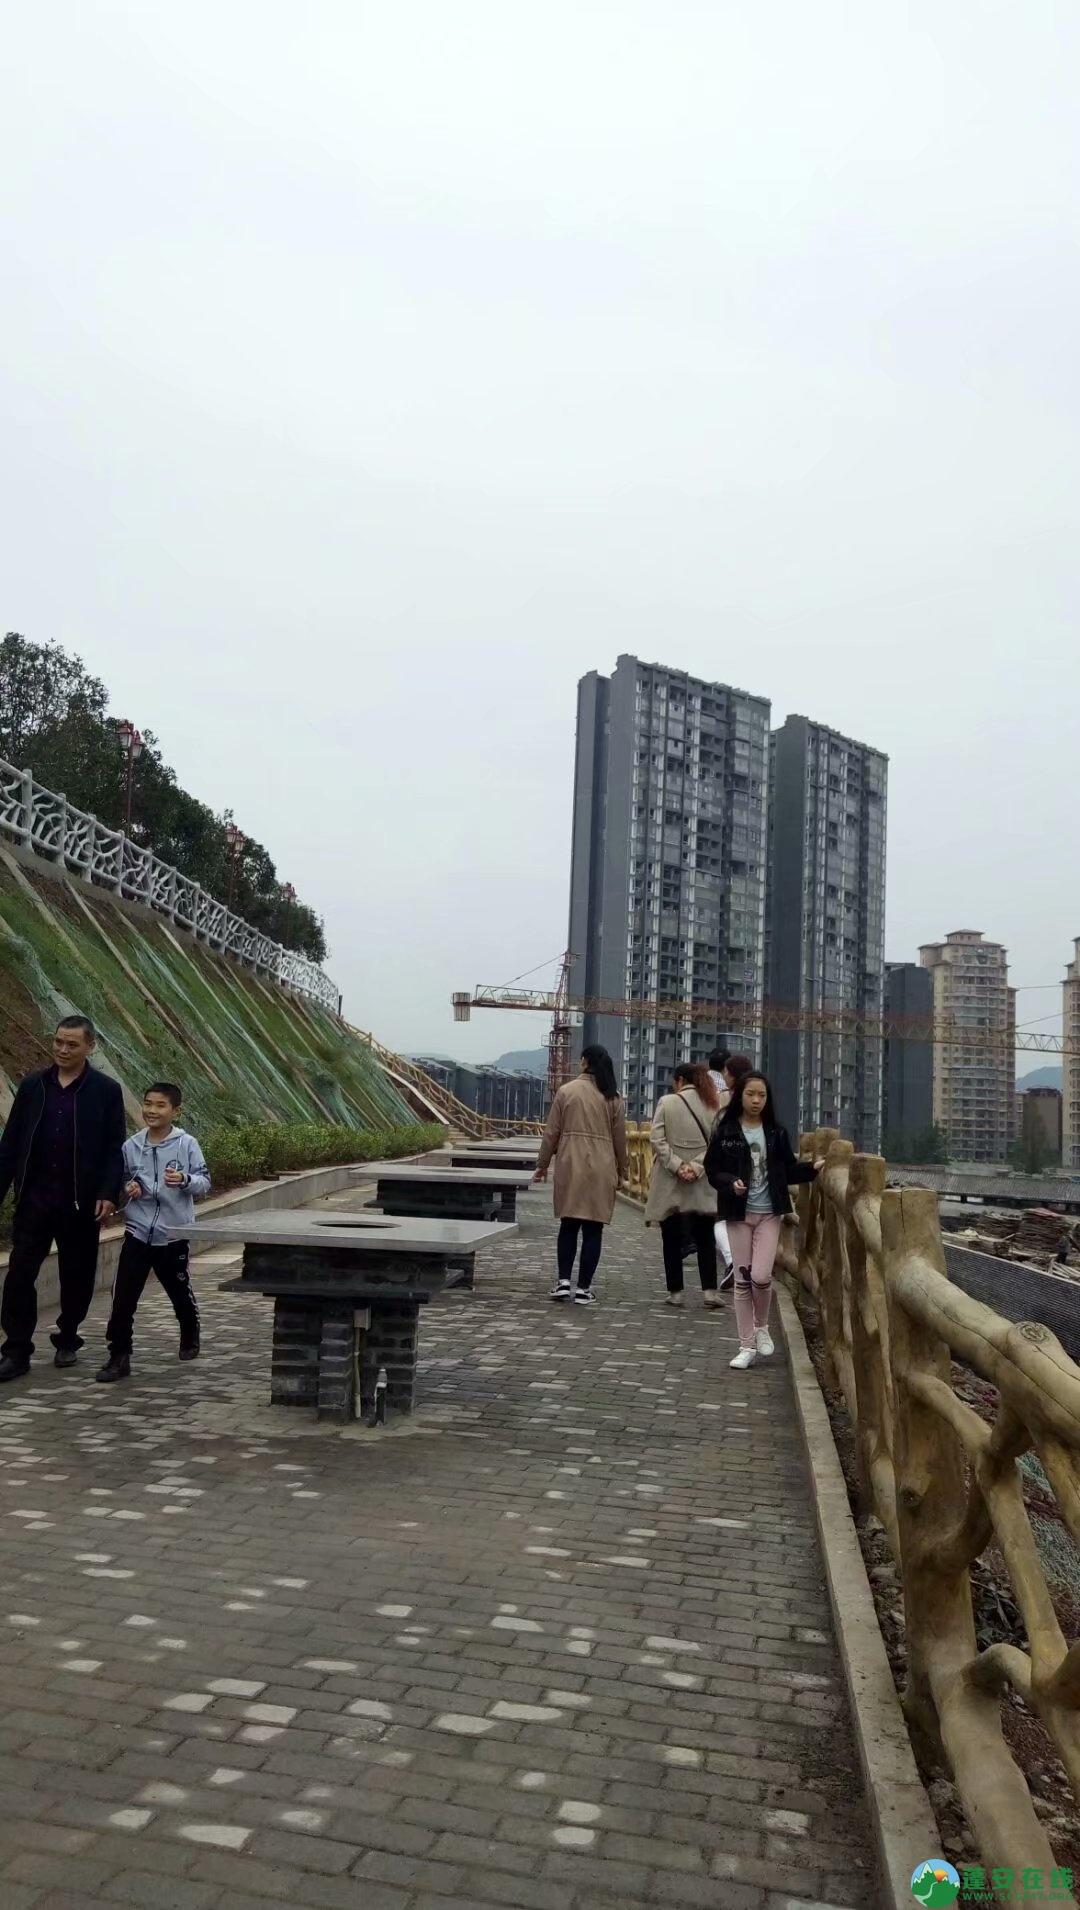 蓬安火锅公园近况(2018-10-12) - 第15张  | 蓬安在线